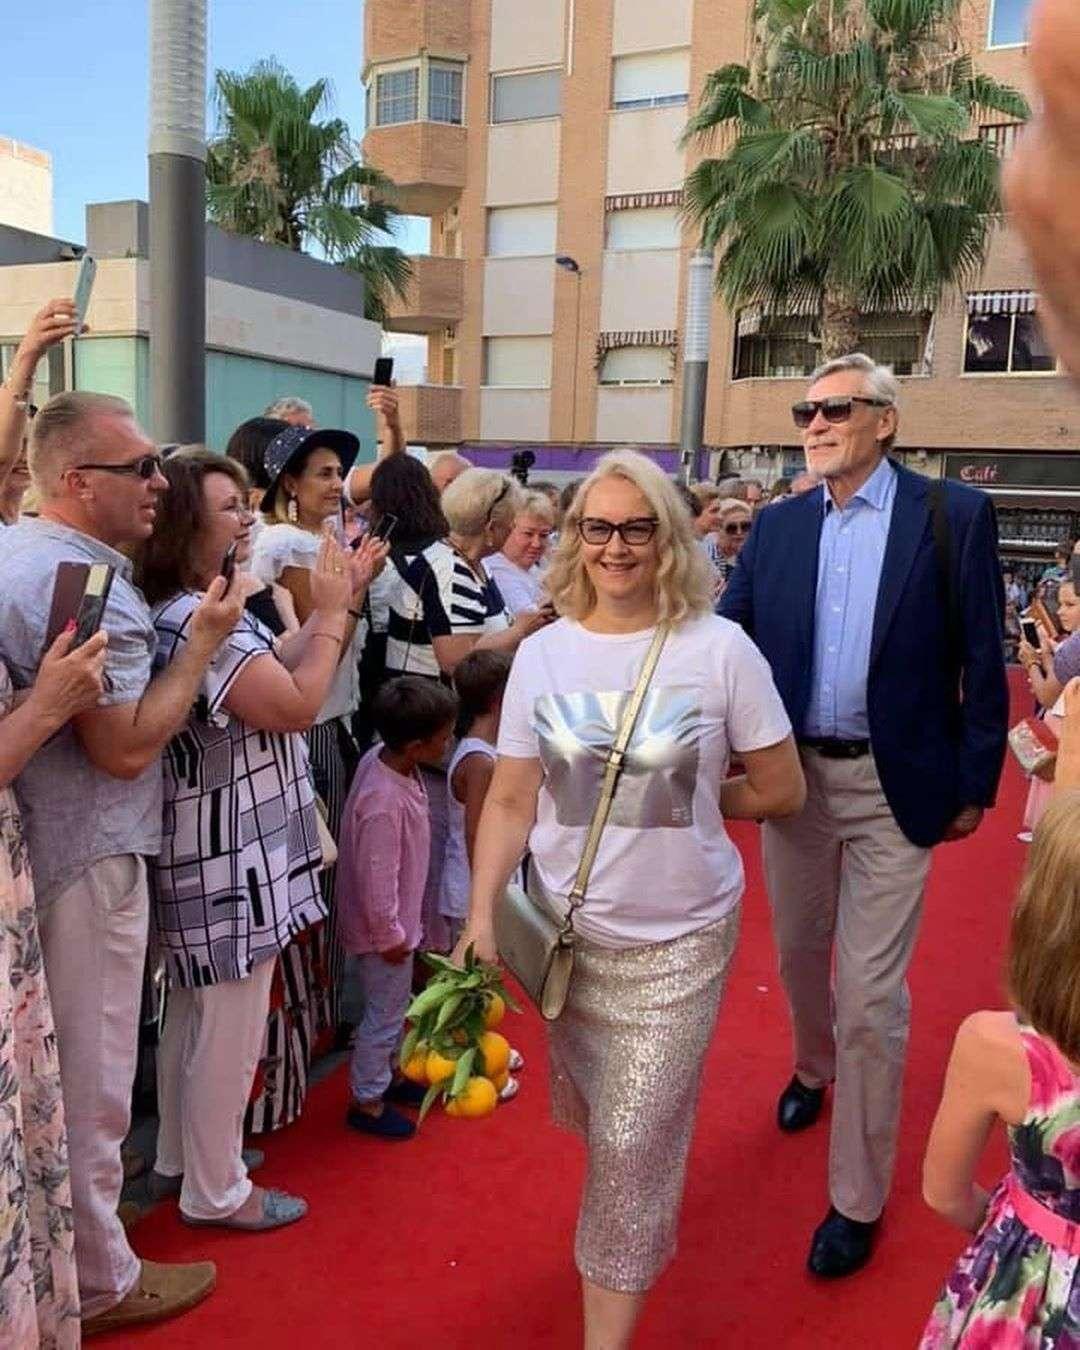 Все так же хороши: Александр Михайлов и Дмитрий Харатьян прилетели в Испанию на кинофестиваль